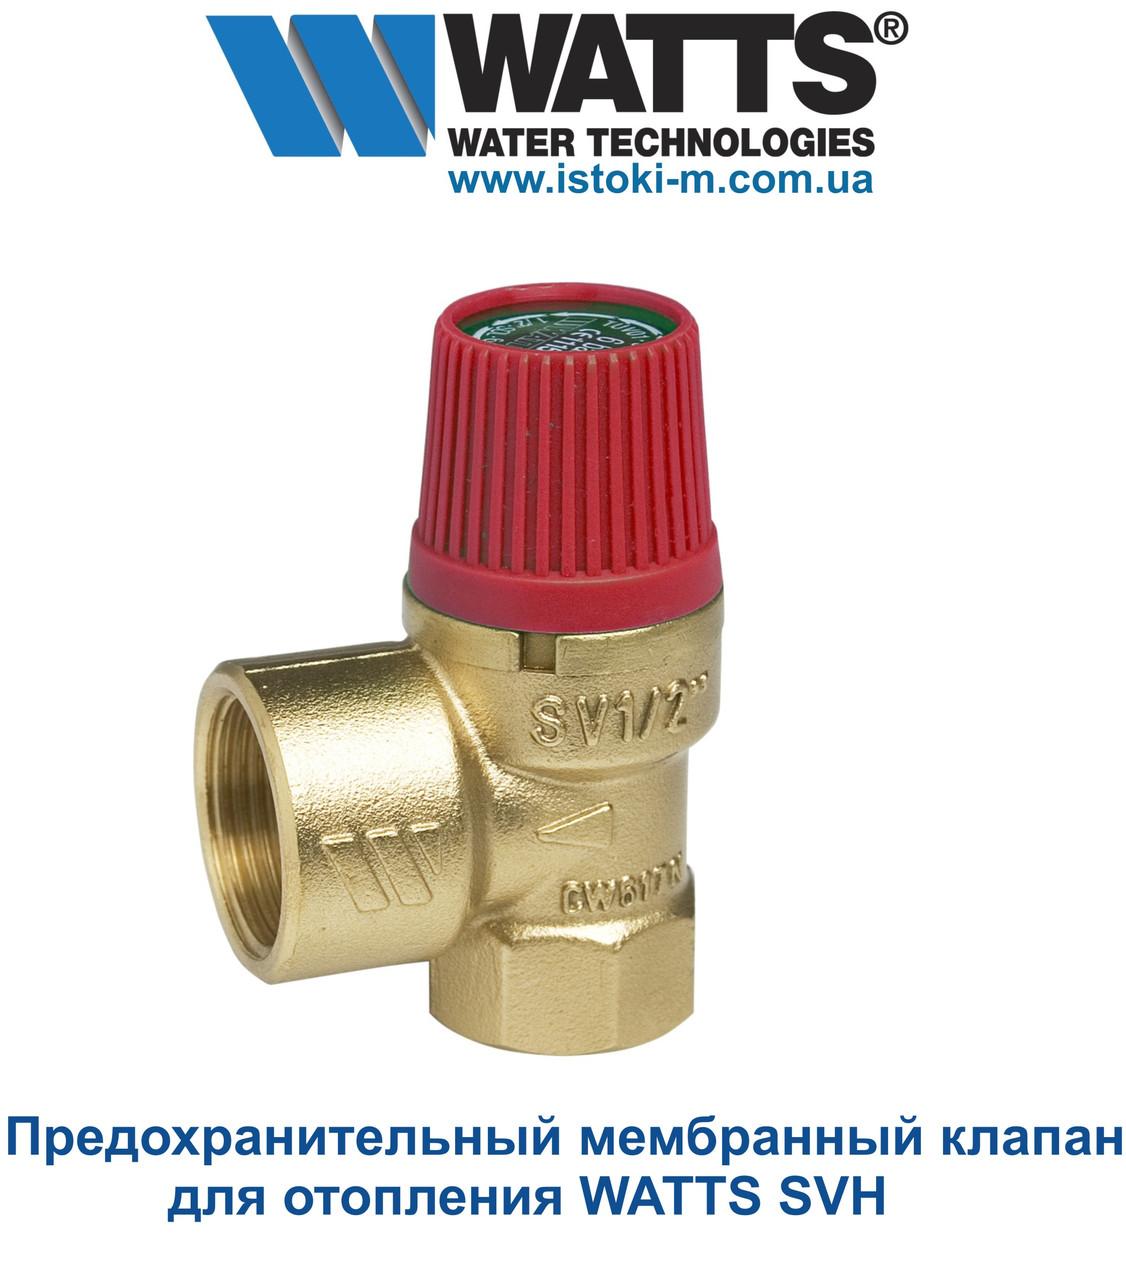 """Предохранительный сбросной мембранный клапан для отопления WATTS SVH 1""""х1.1/4"""" 3,0 Бар, фото 1"""